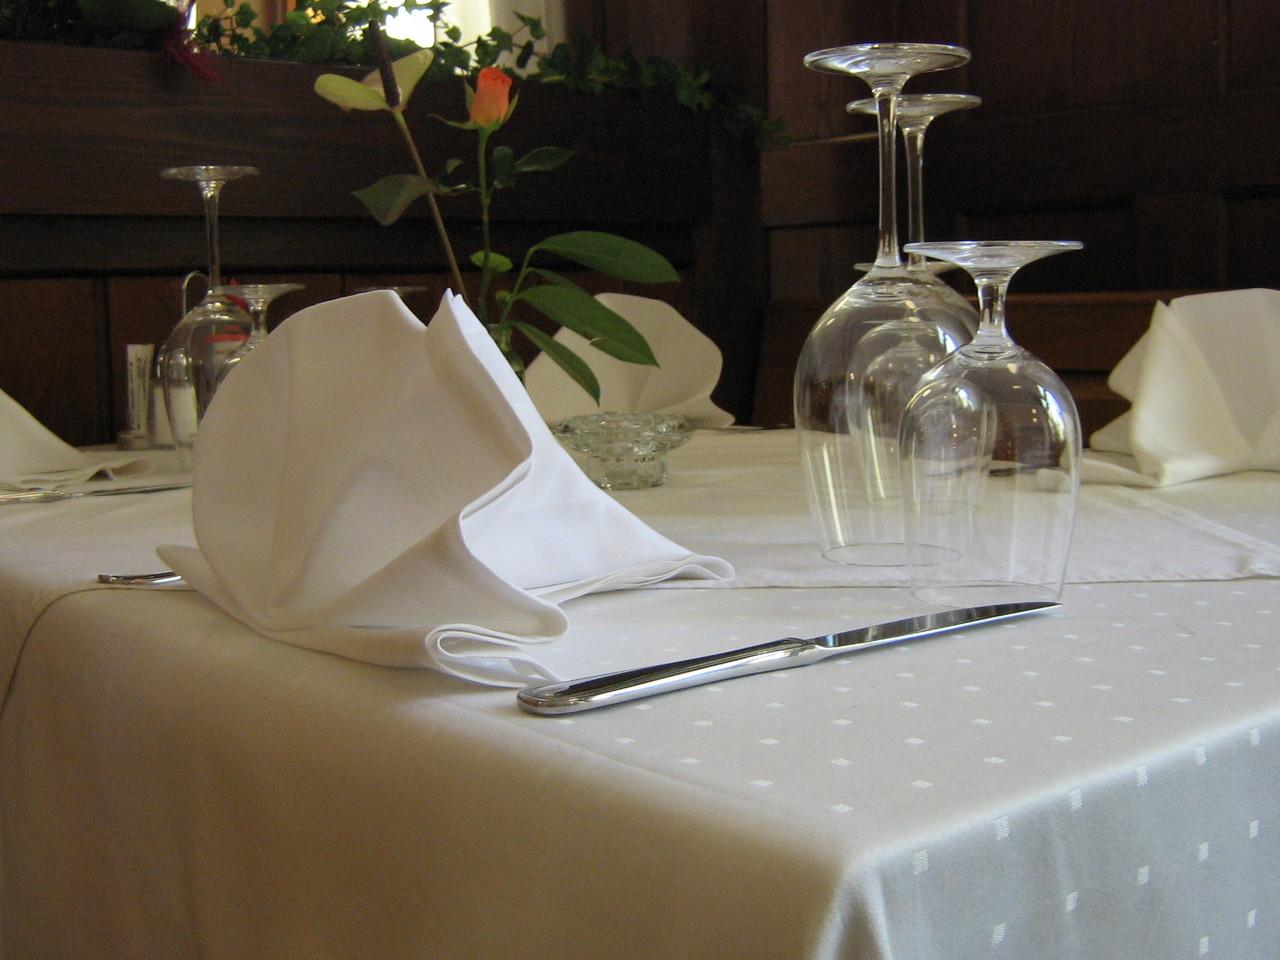 Tisch eingedeckt